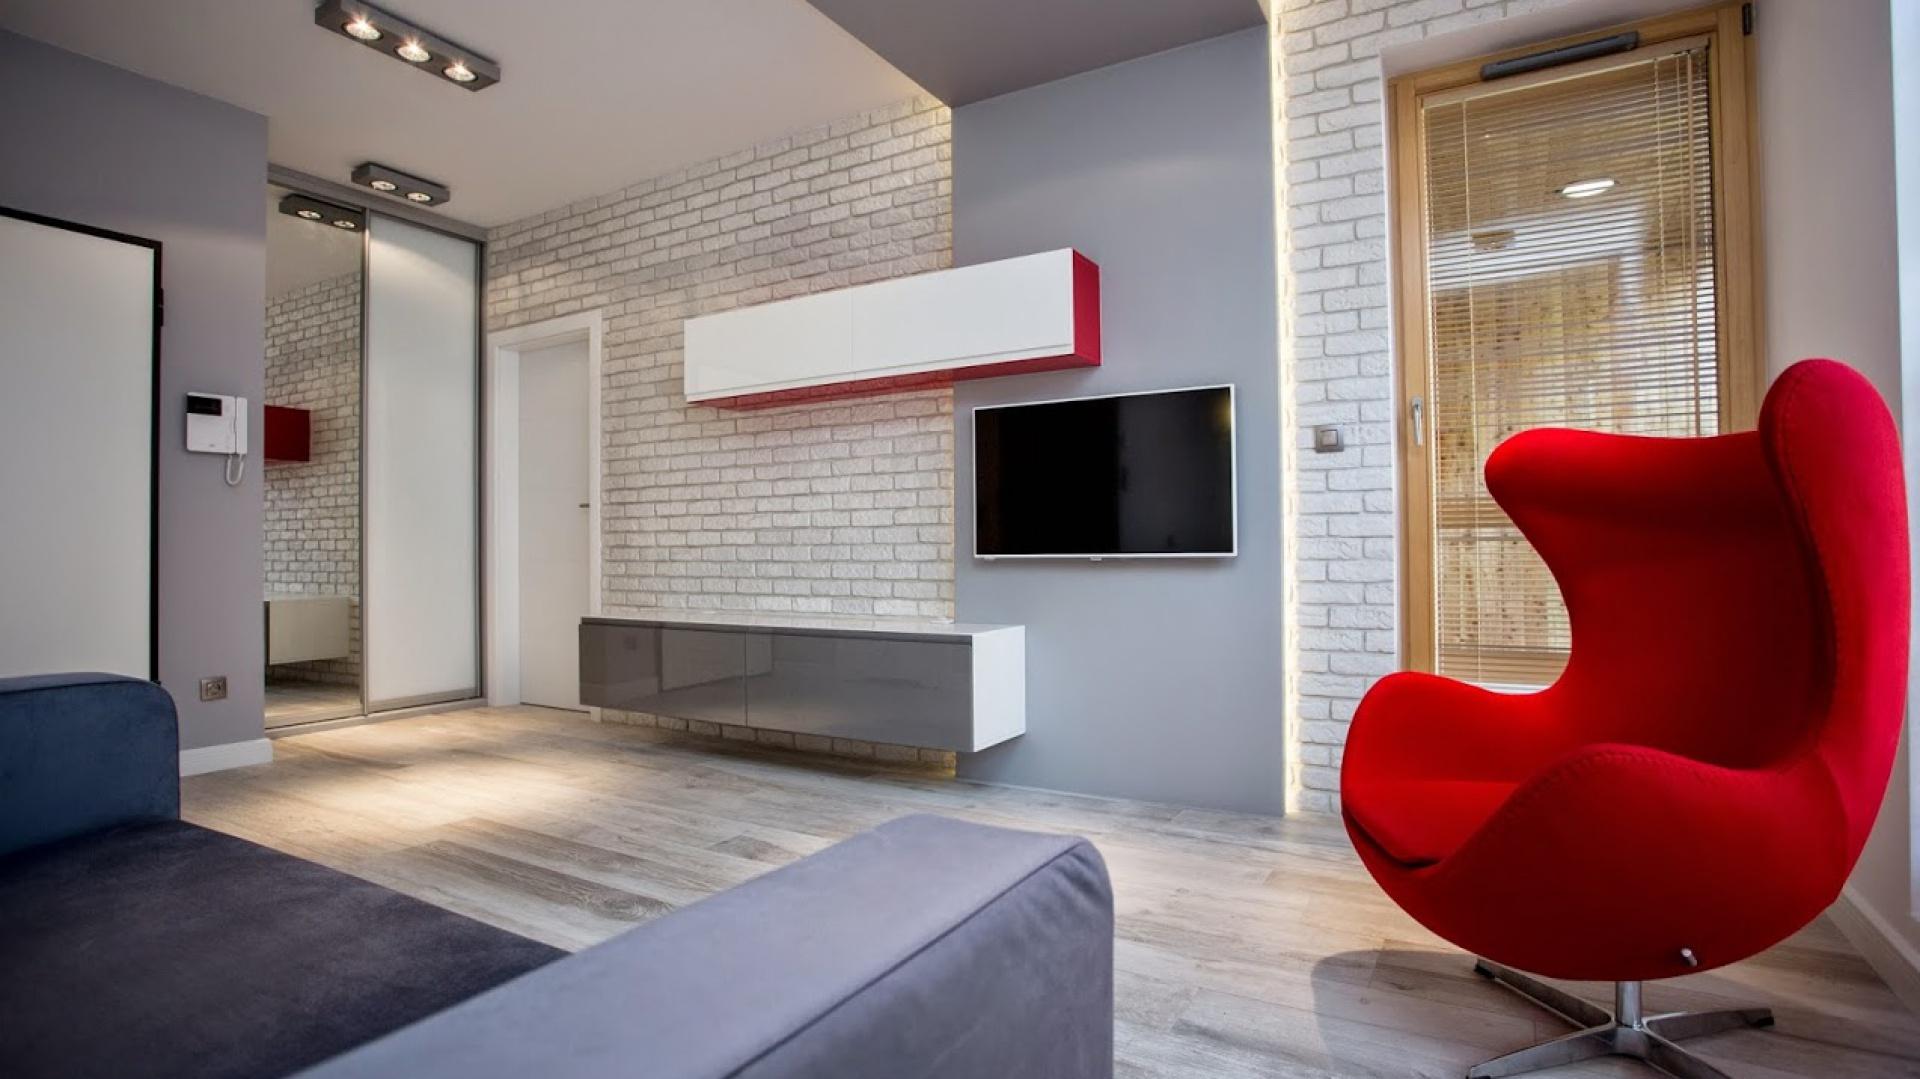 Nowoczesny, minimalistyczny salon w małym mieszkaniu. Realizacja: Łukasz Siemieniec, Lurvig Projektowanie Wnętrz. Fot. Archiconnect.pl